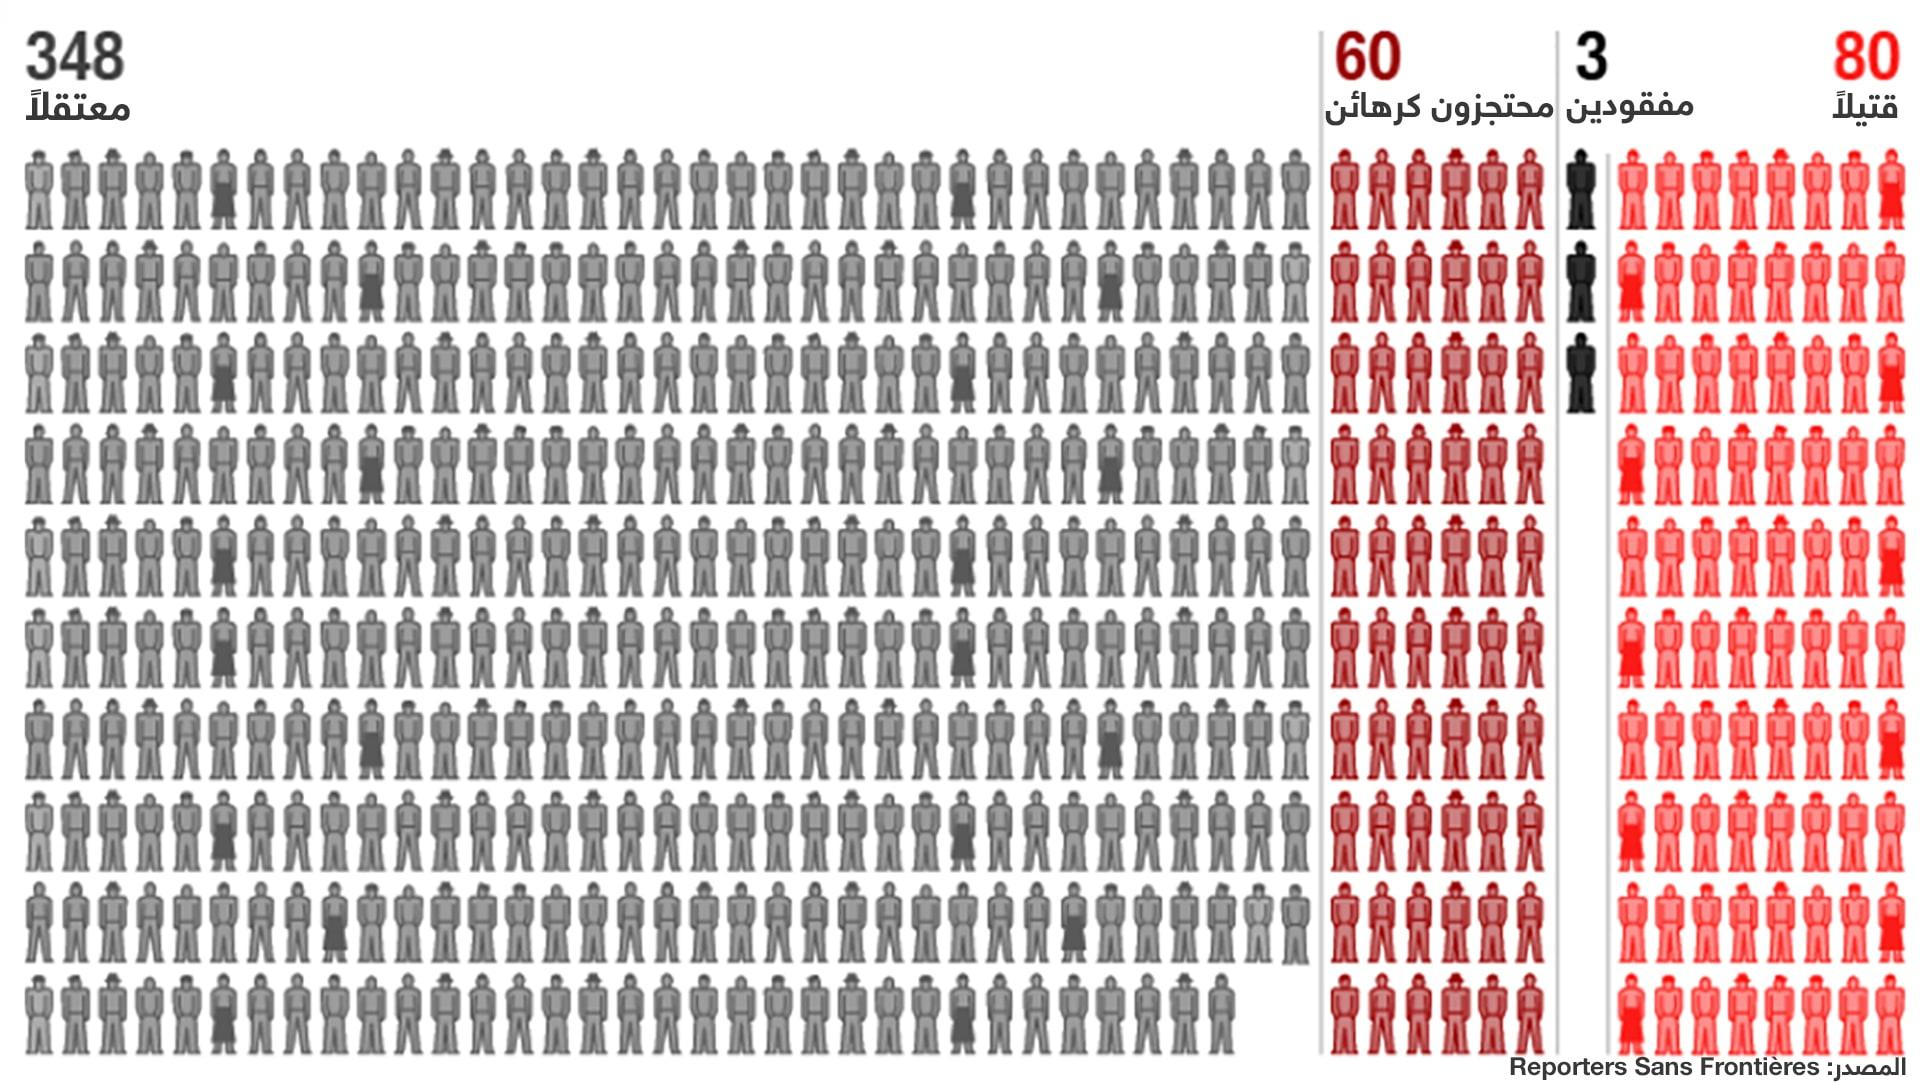 """قضية خاشقجي و""""أكثر الدول دموية"""" بالتقرير السنوي لمراسلون بلا حدود"""